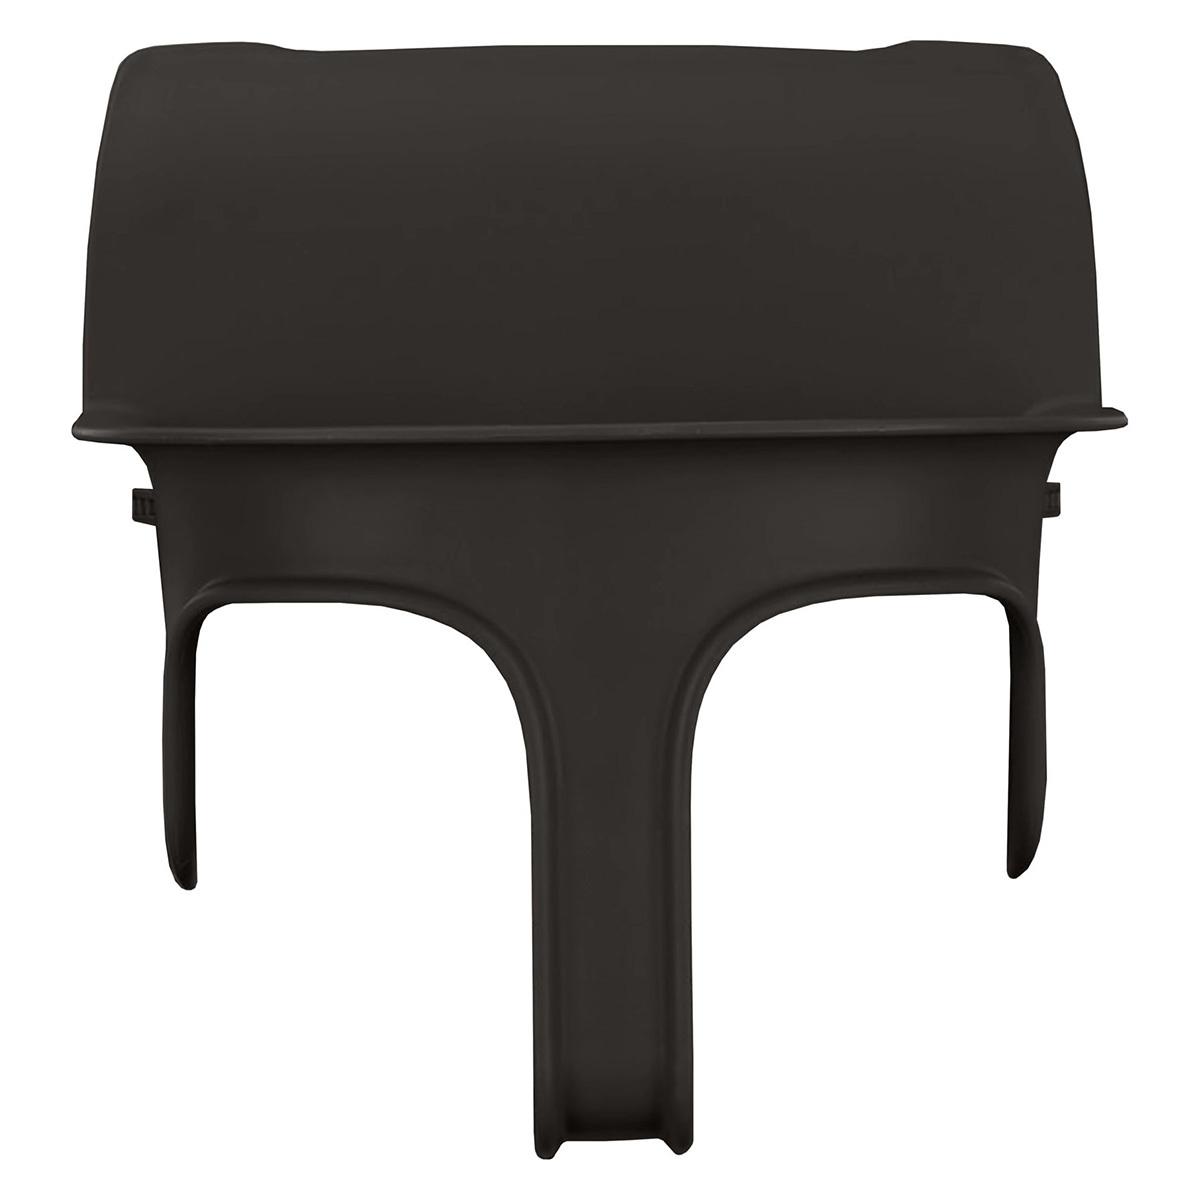 Chaise haute Set Bébé Lemo 2 - Infinity Black Set Bébé Lemo 2 - Infinity Black